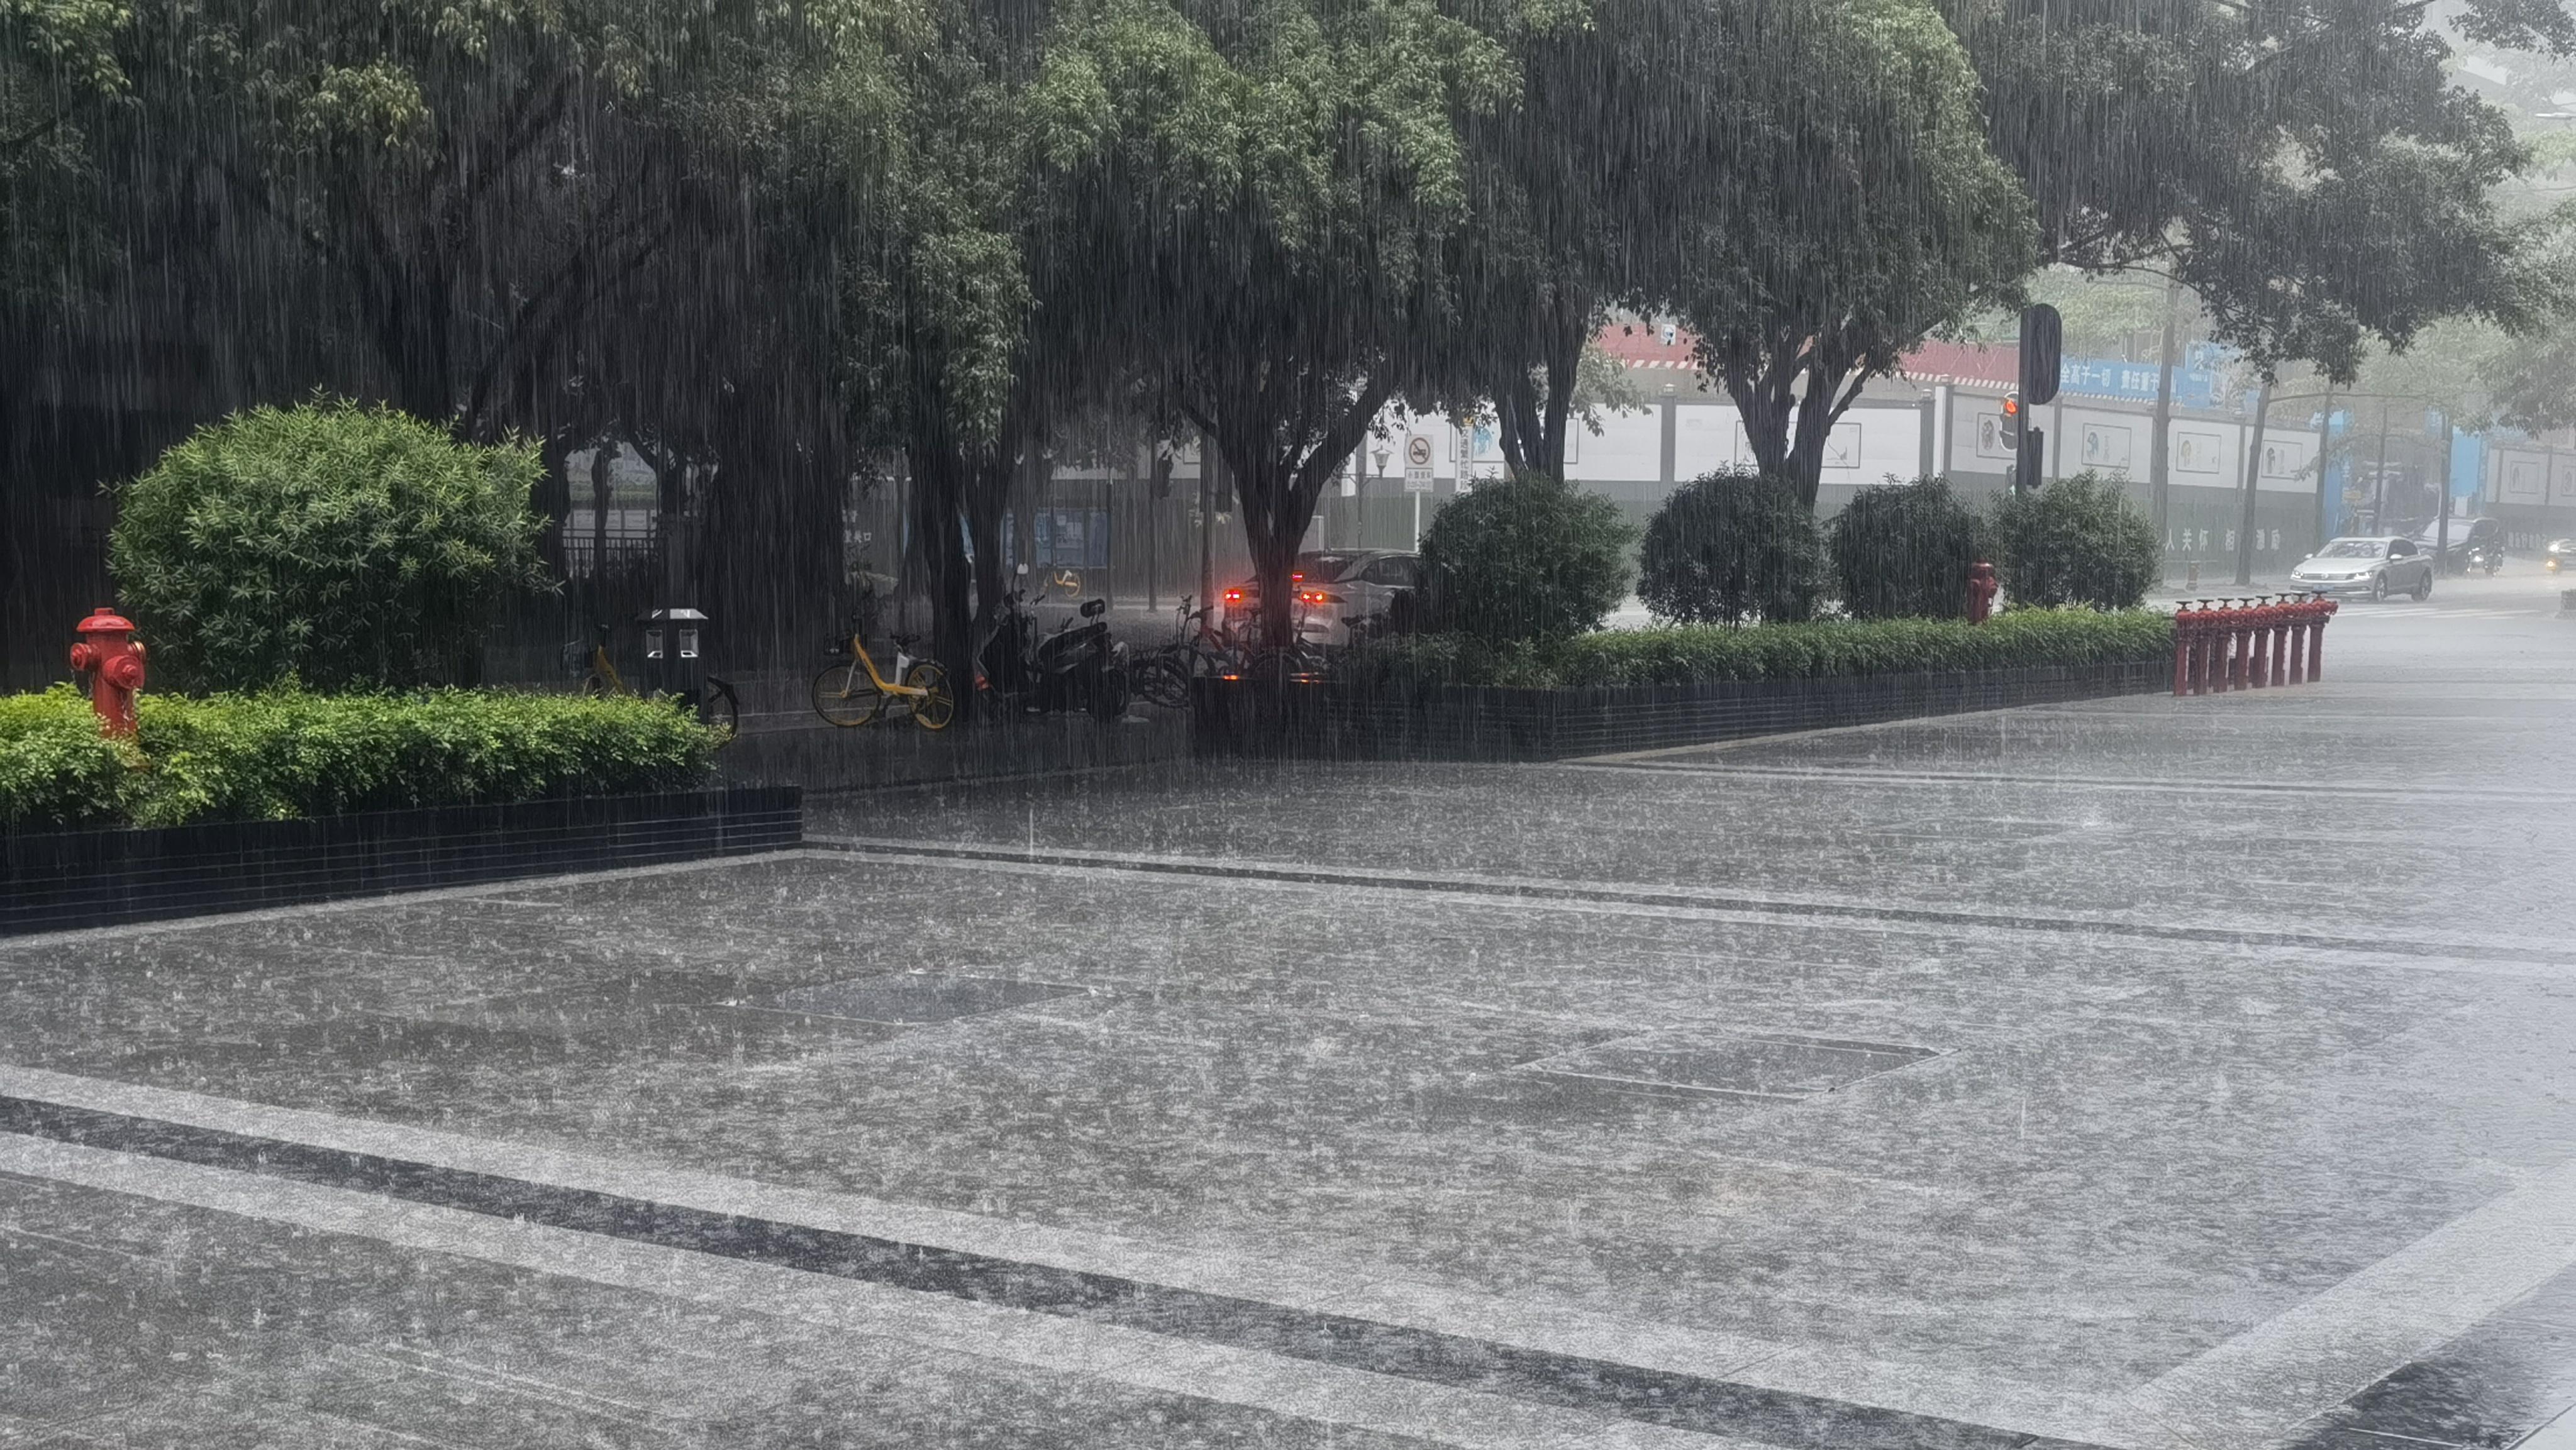 慢直播回顾:深圳市解除暴雨黄色预警和雷电预警